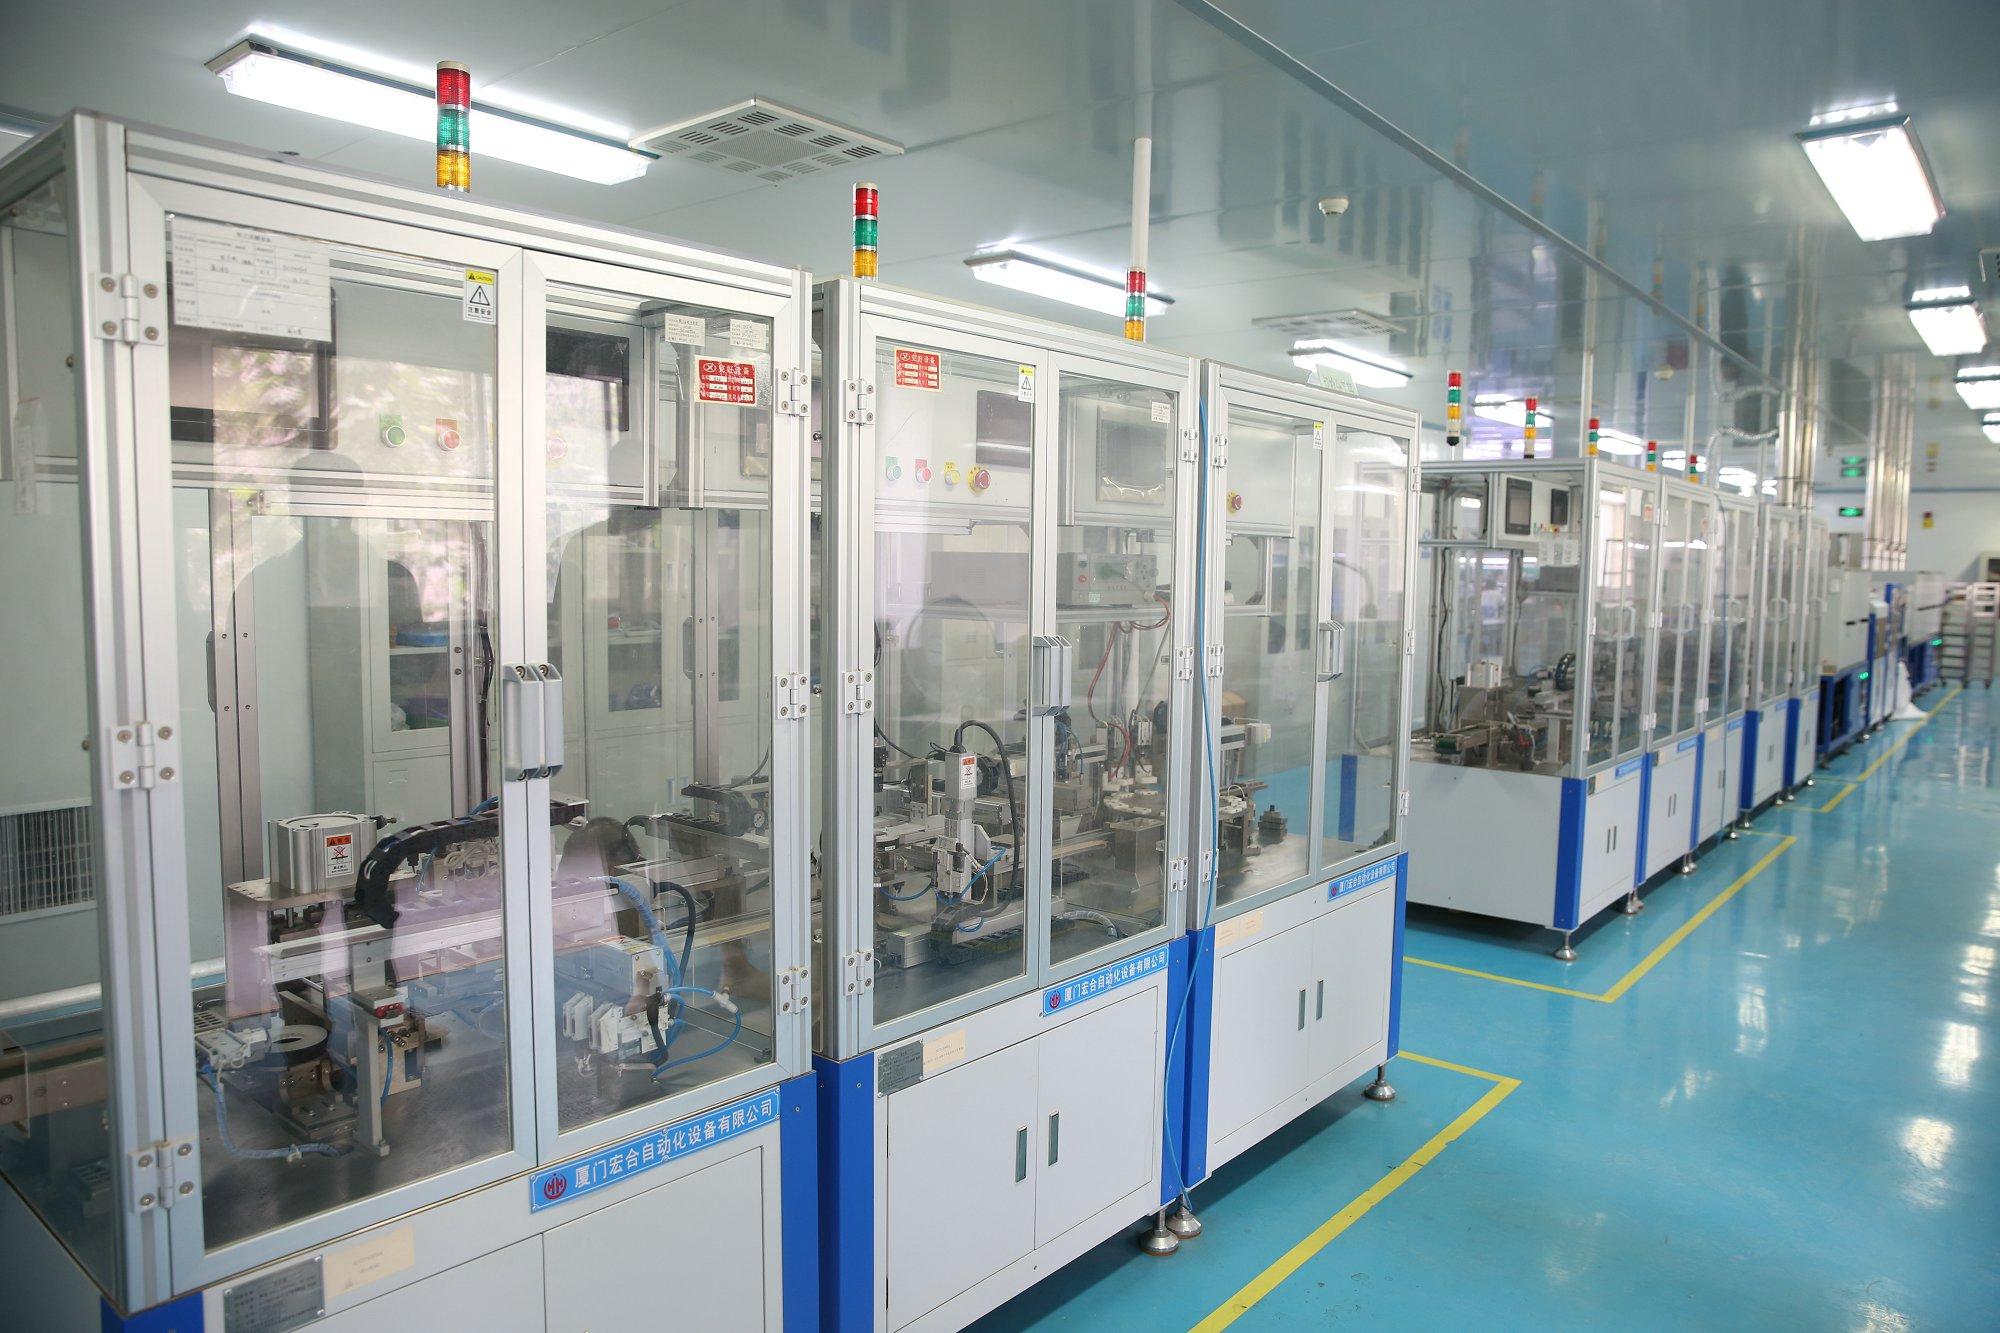 6華茂公司宇高電容器自動化生產線